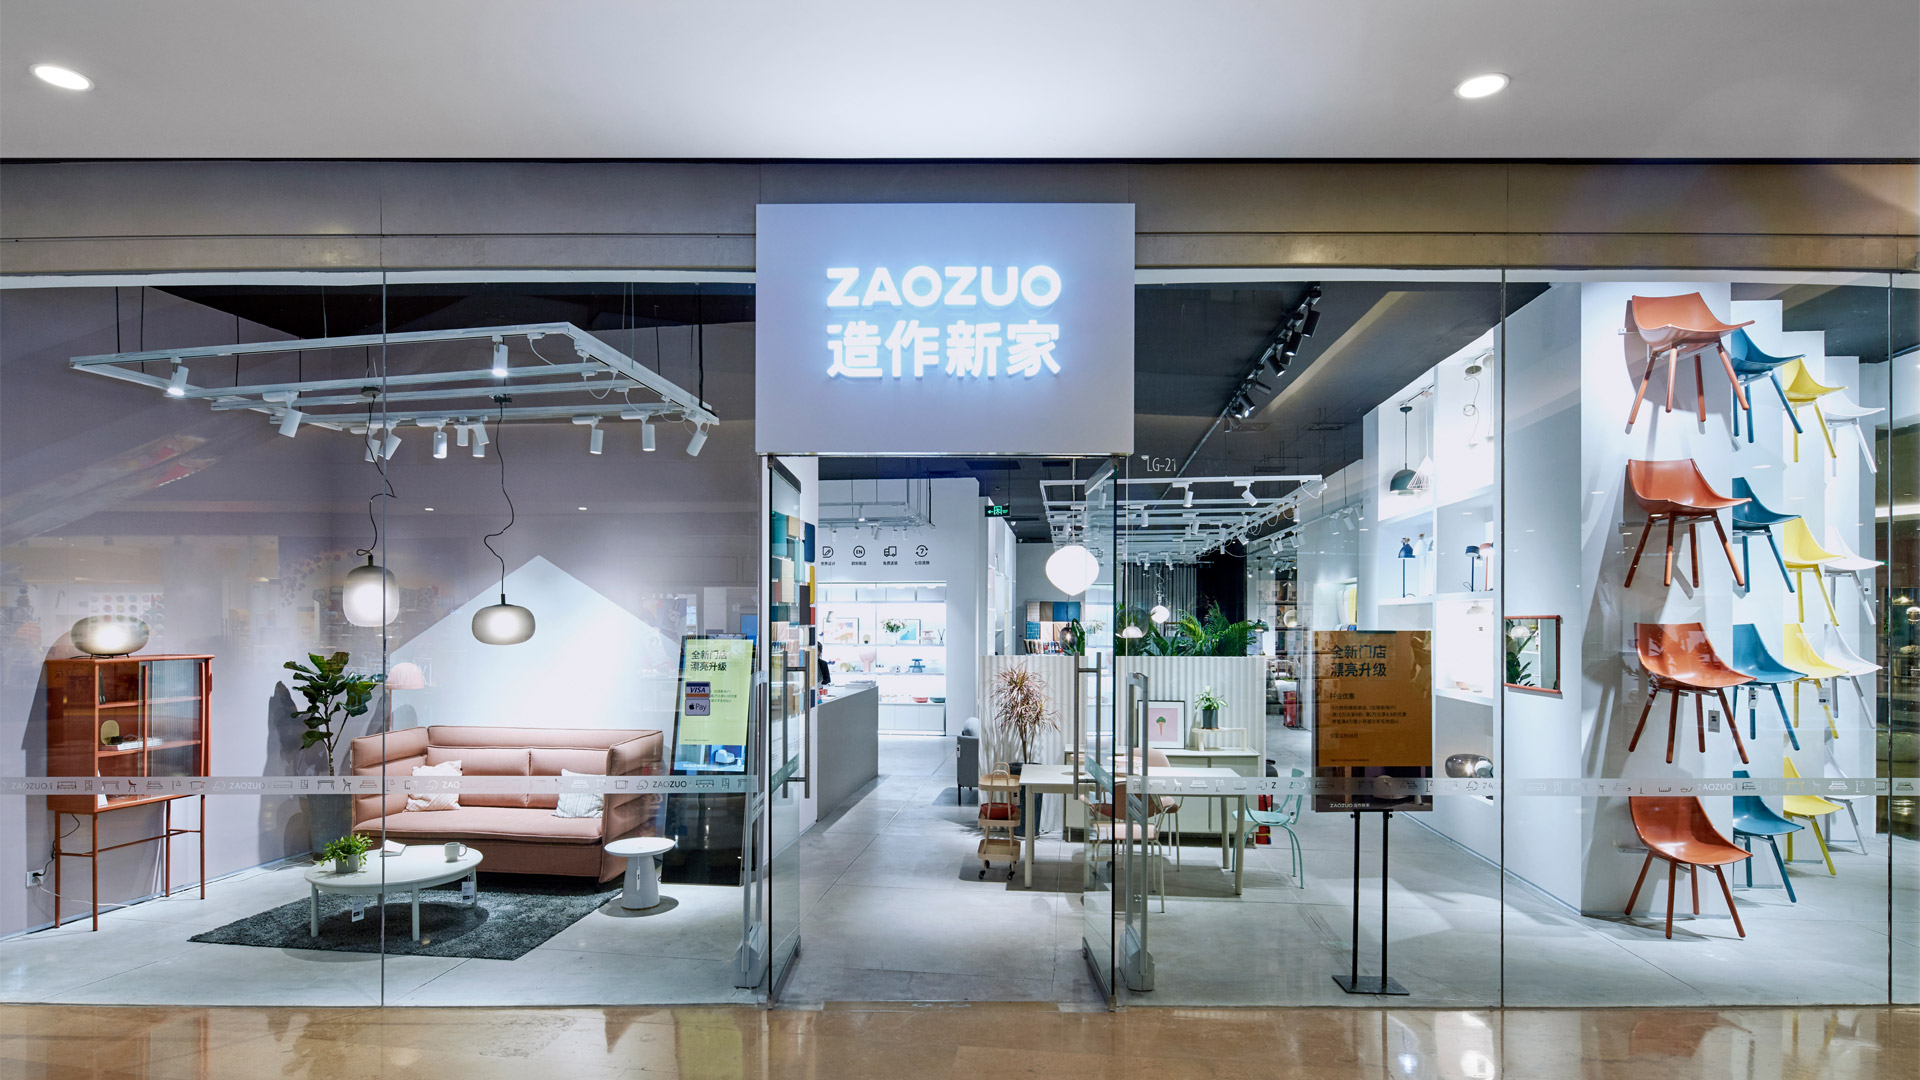 北京颐堤港店/LG层21号